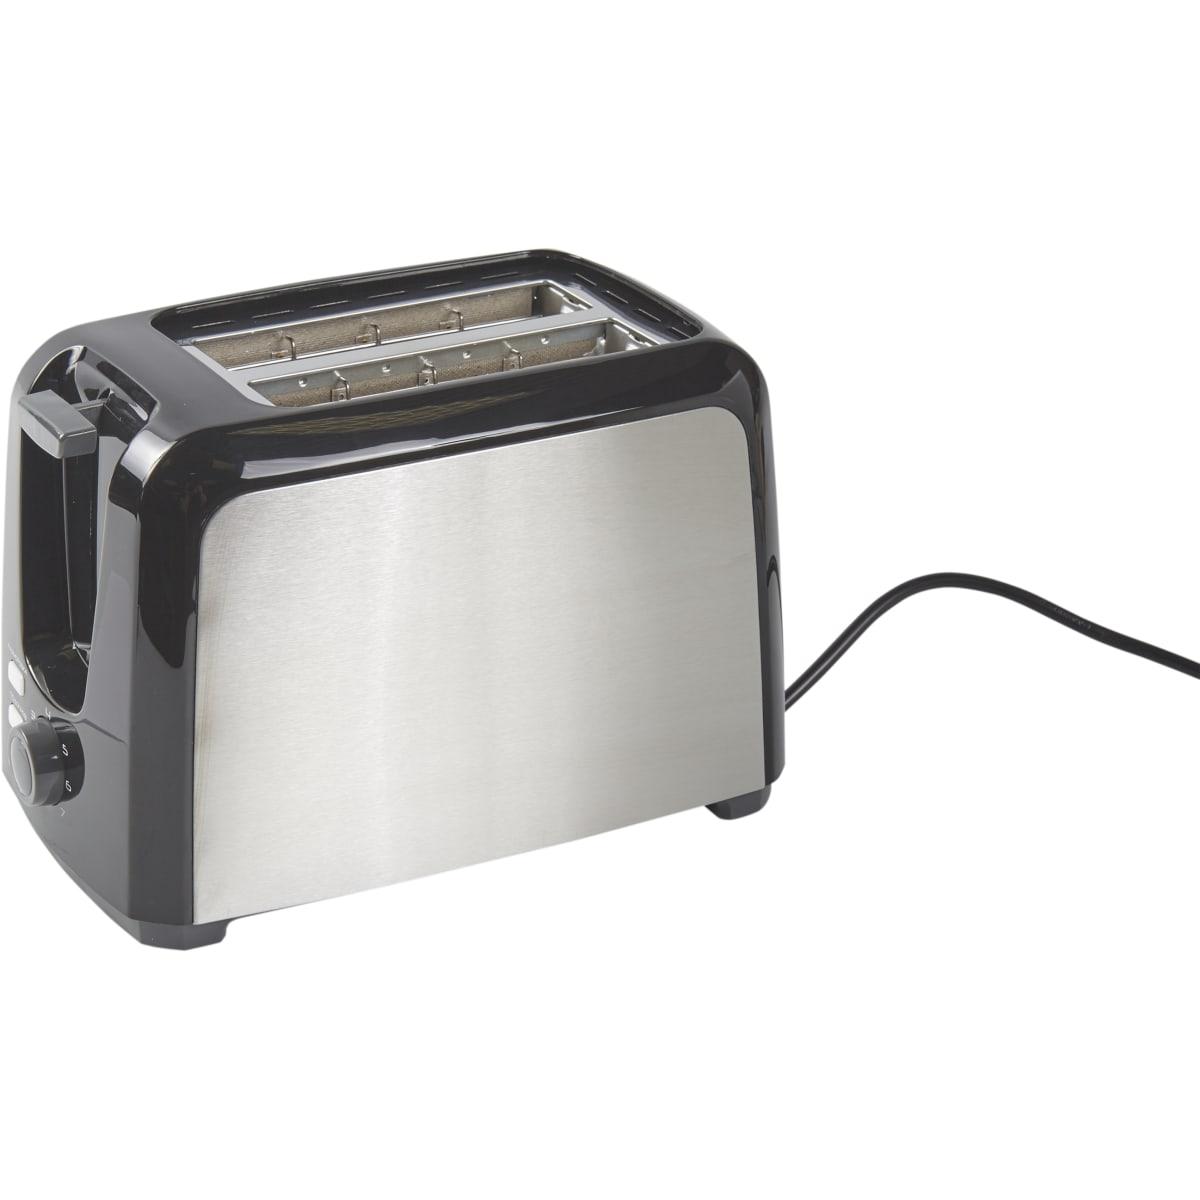 Тостер Centek CT-1429 750 Вт, цвет хром/чёрный